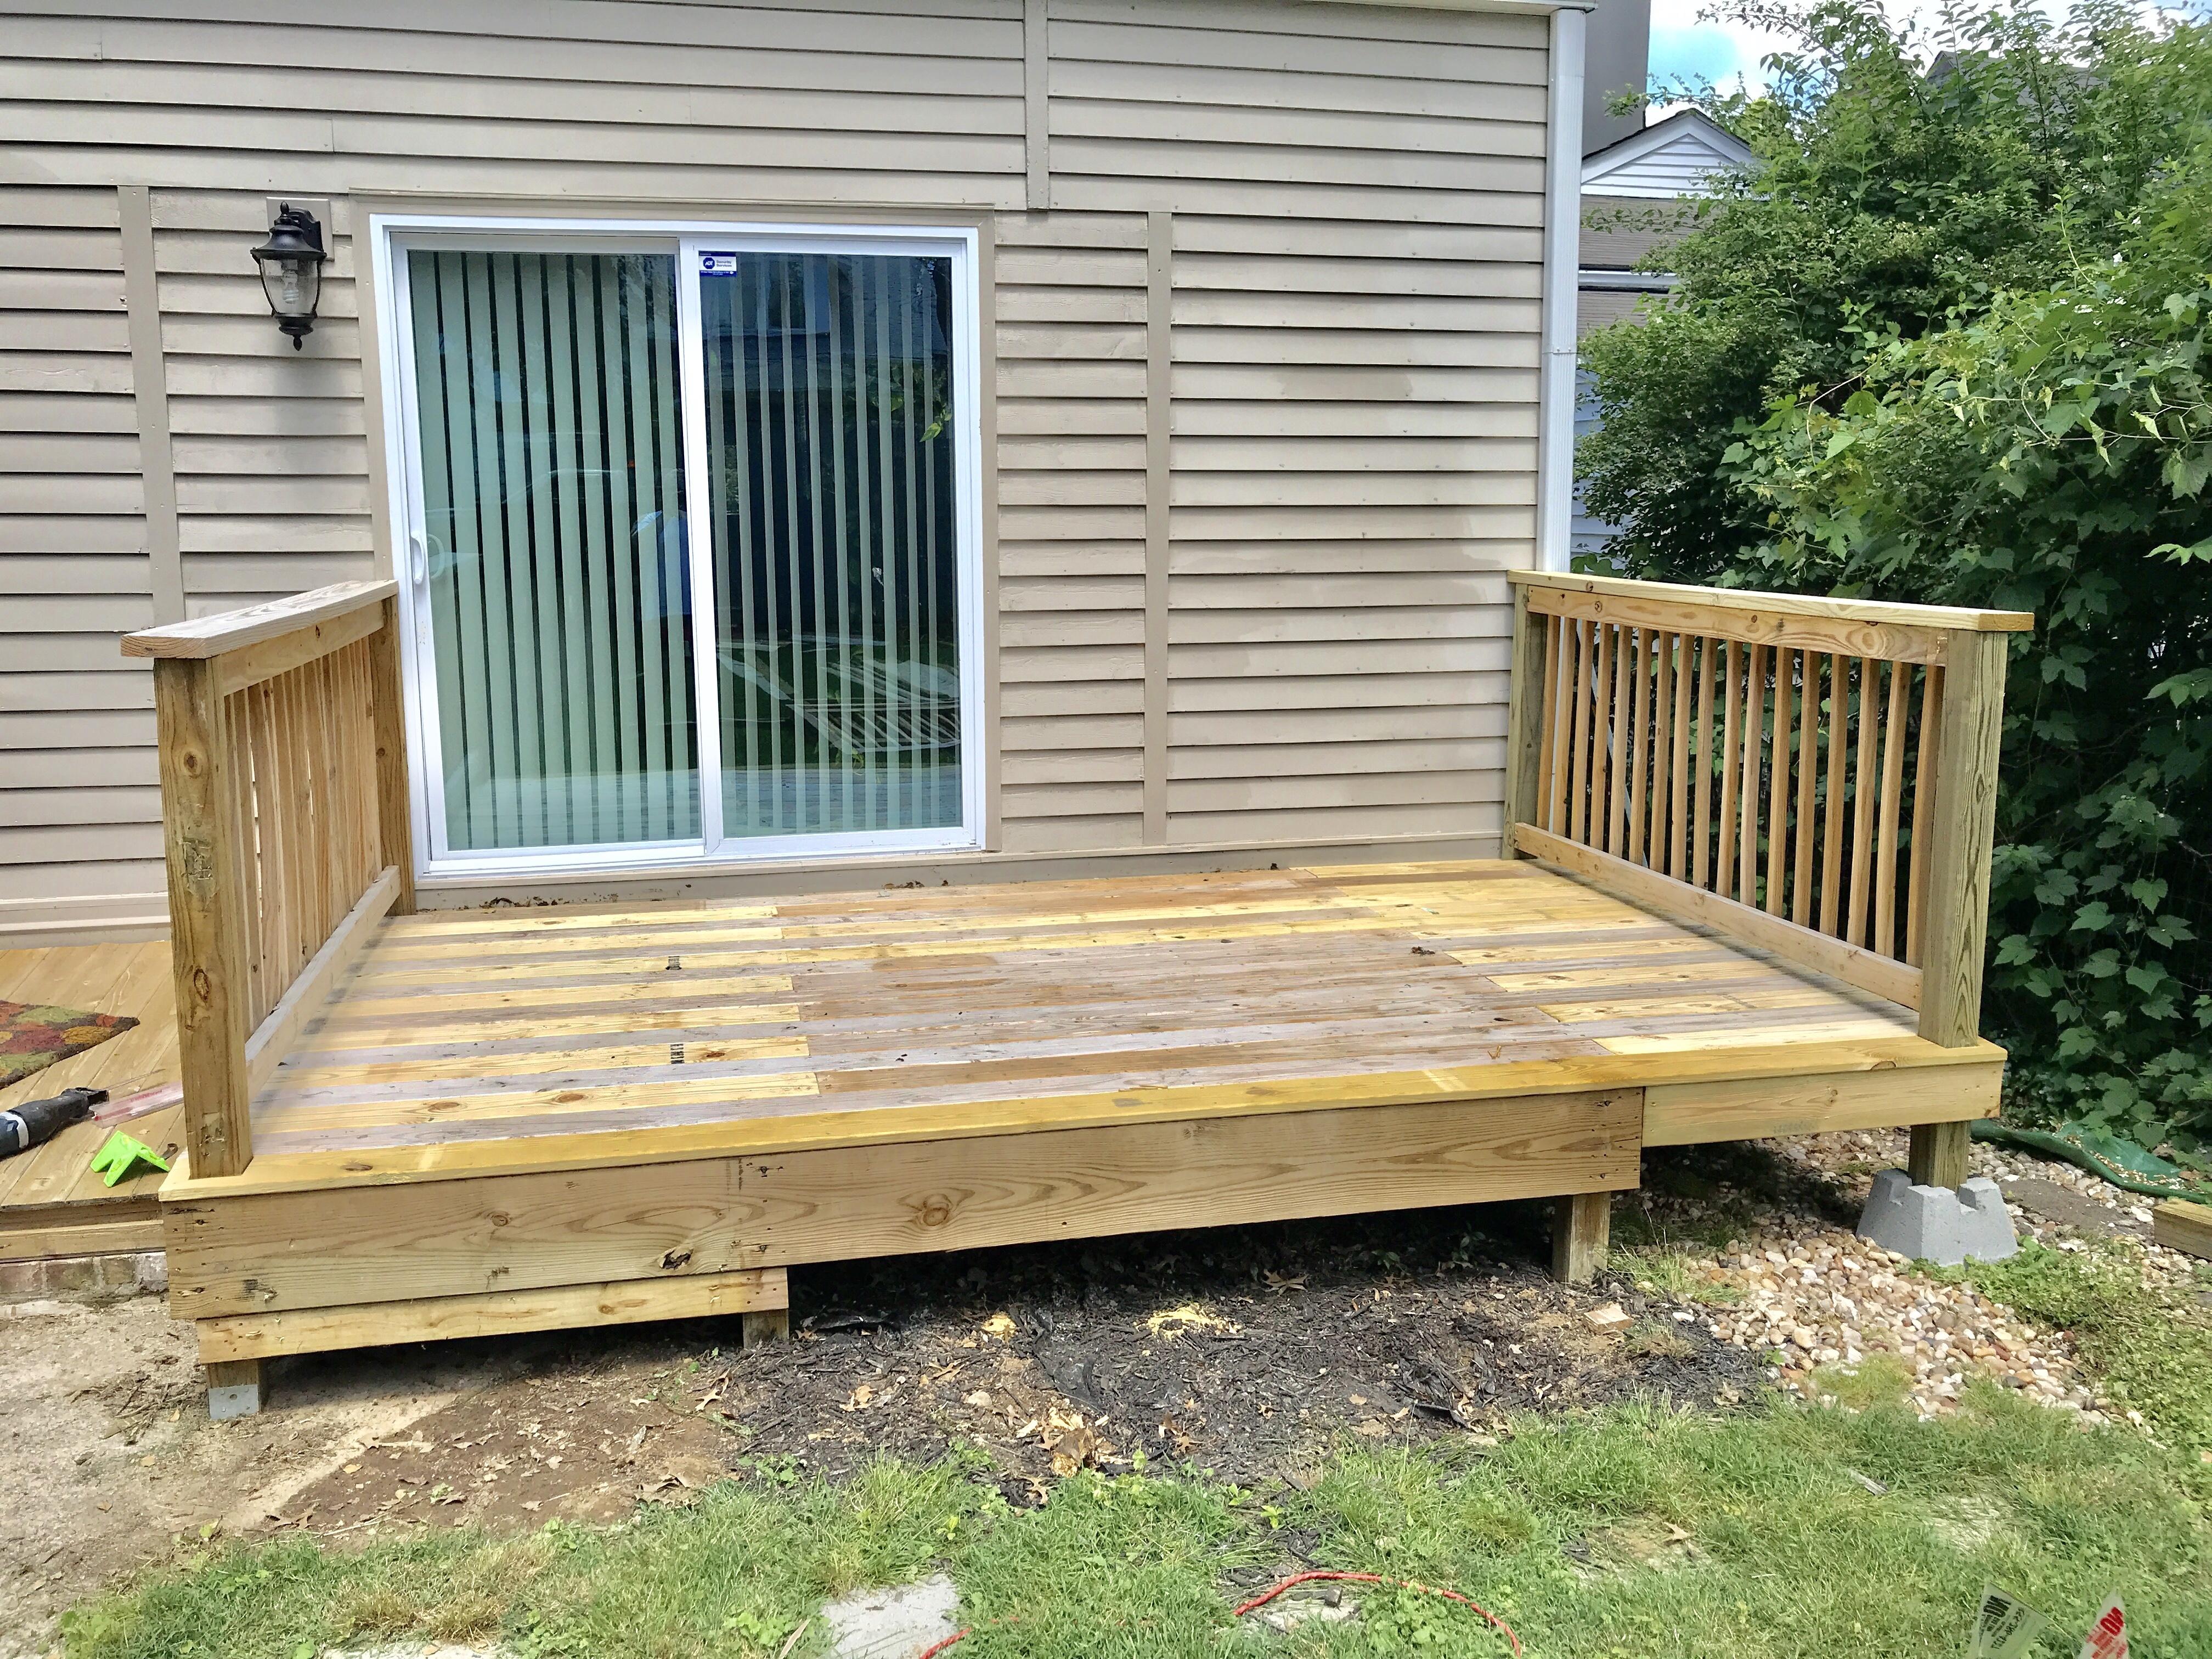 Deck Build (In Progress)